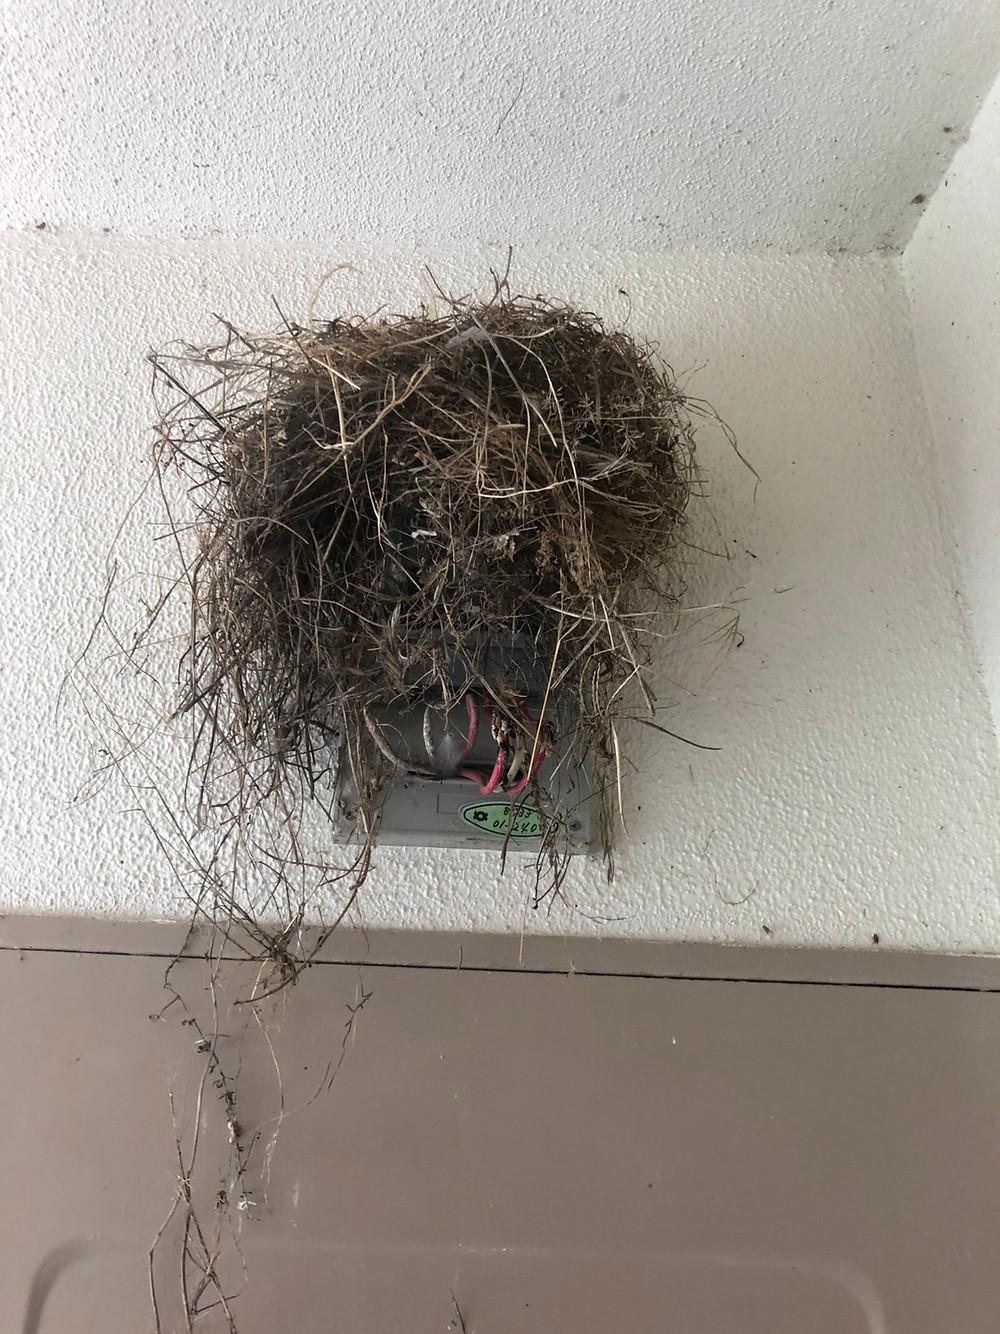 和歌山市、鳥の巣駆除、害獣駆除